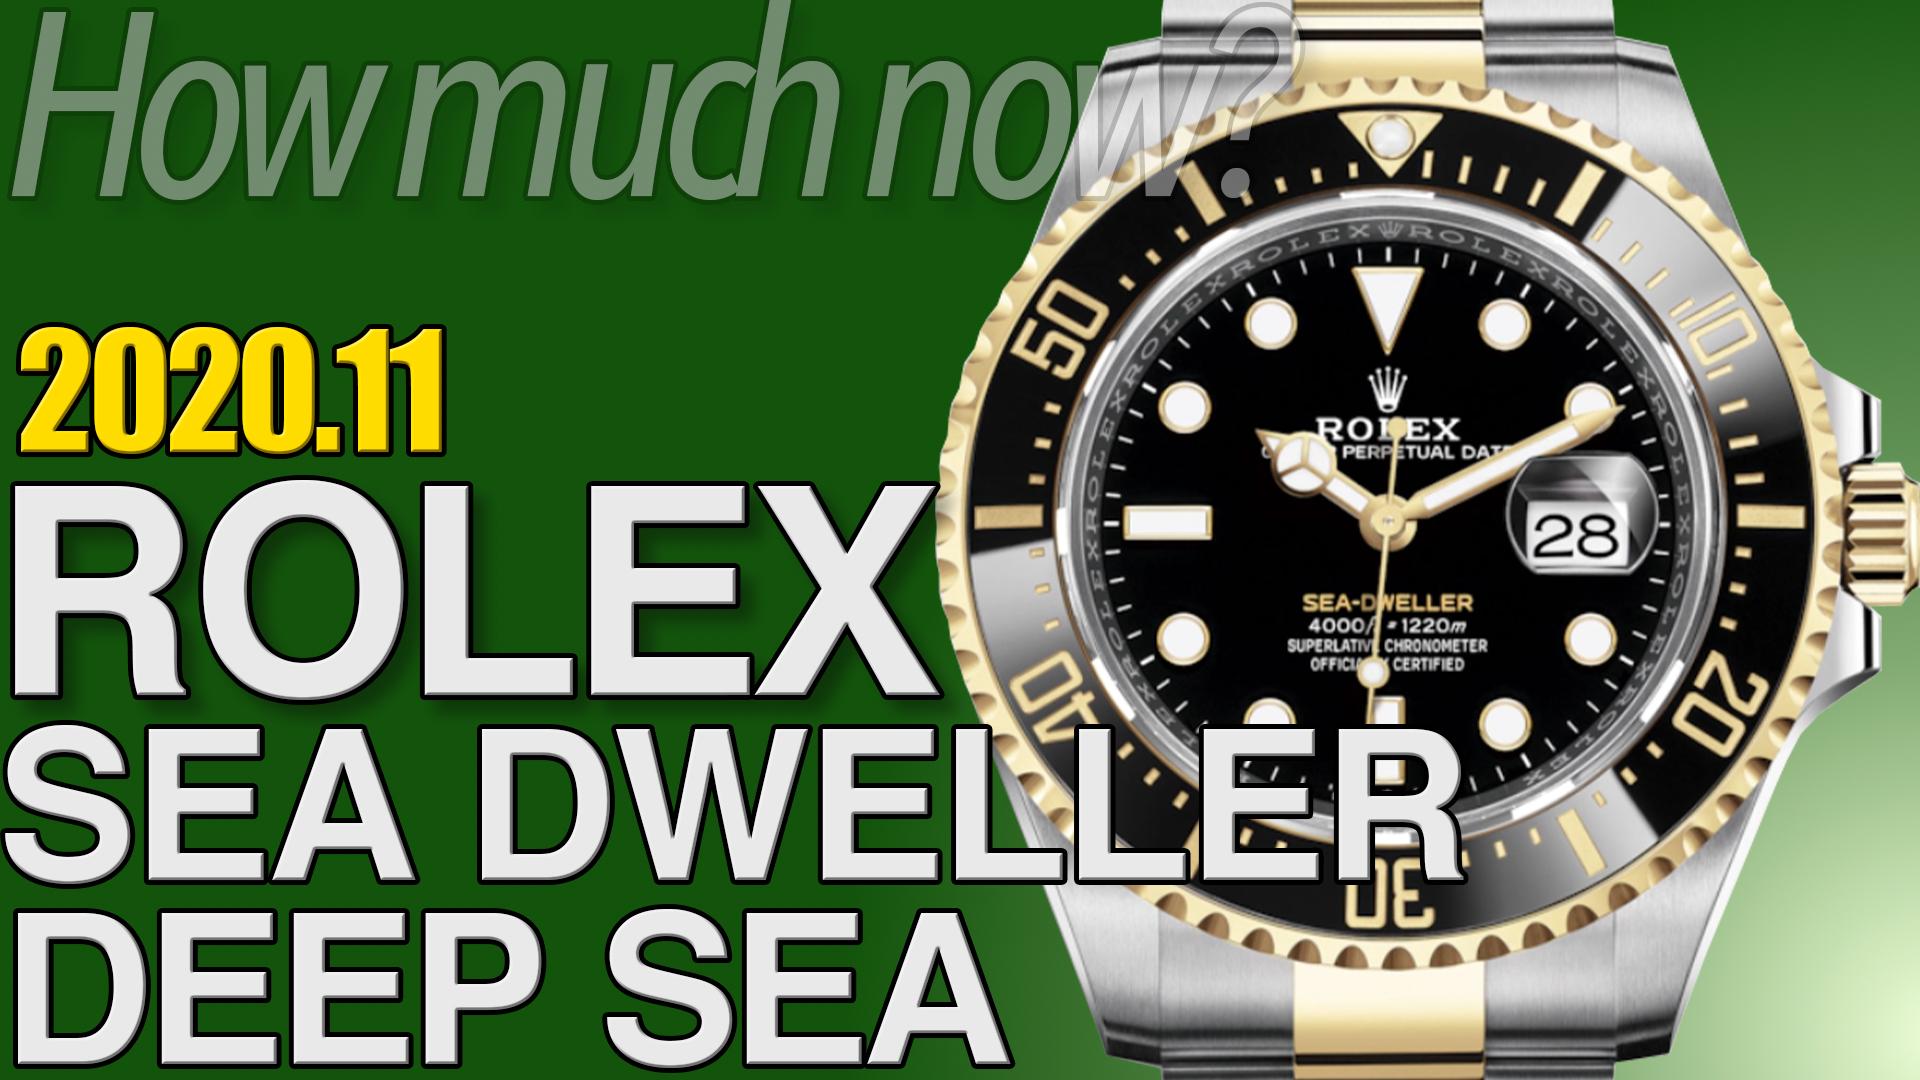 シードゥエラー、ディープシー 買取相場まとめ 2020年11月版 |ロレックス時計の価格情報